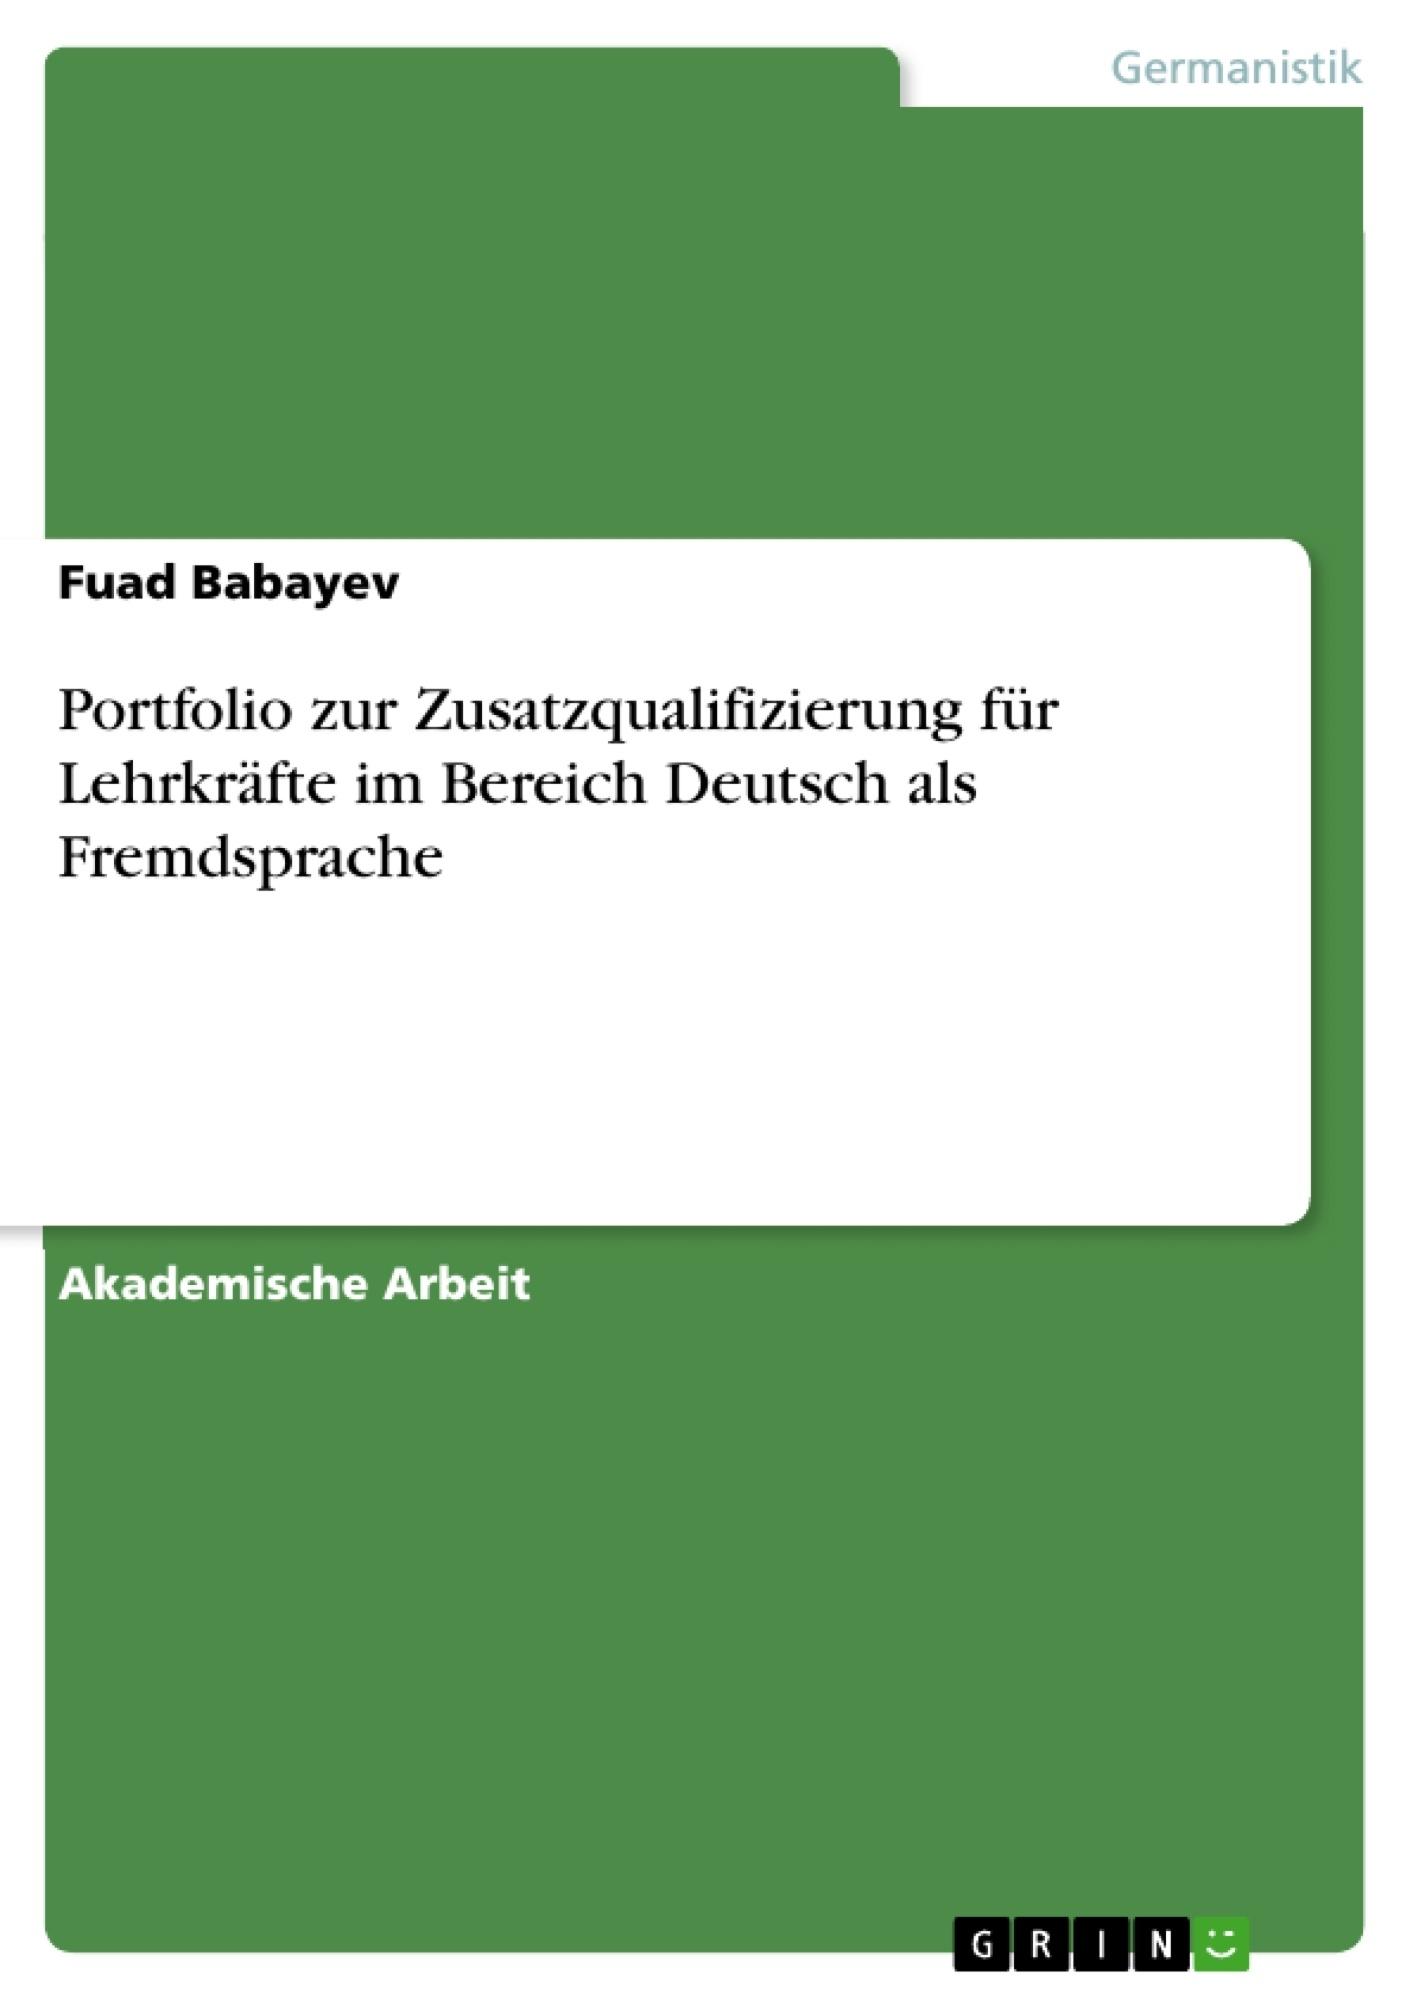 Titel: Portfolio zur Zusatzqualifizierung für Lehrkräfte im Bereich Deutsch als Fremdsprache